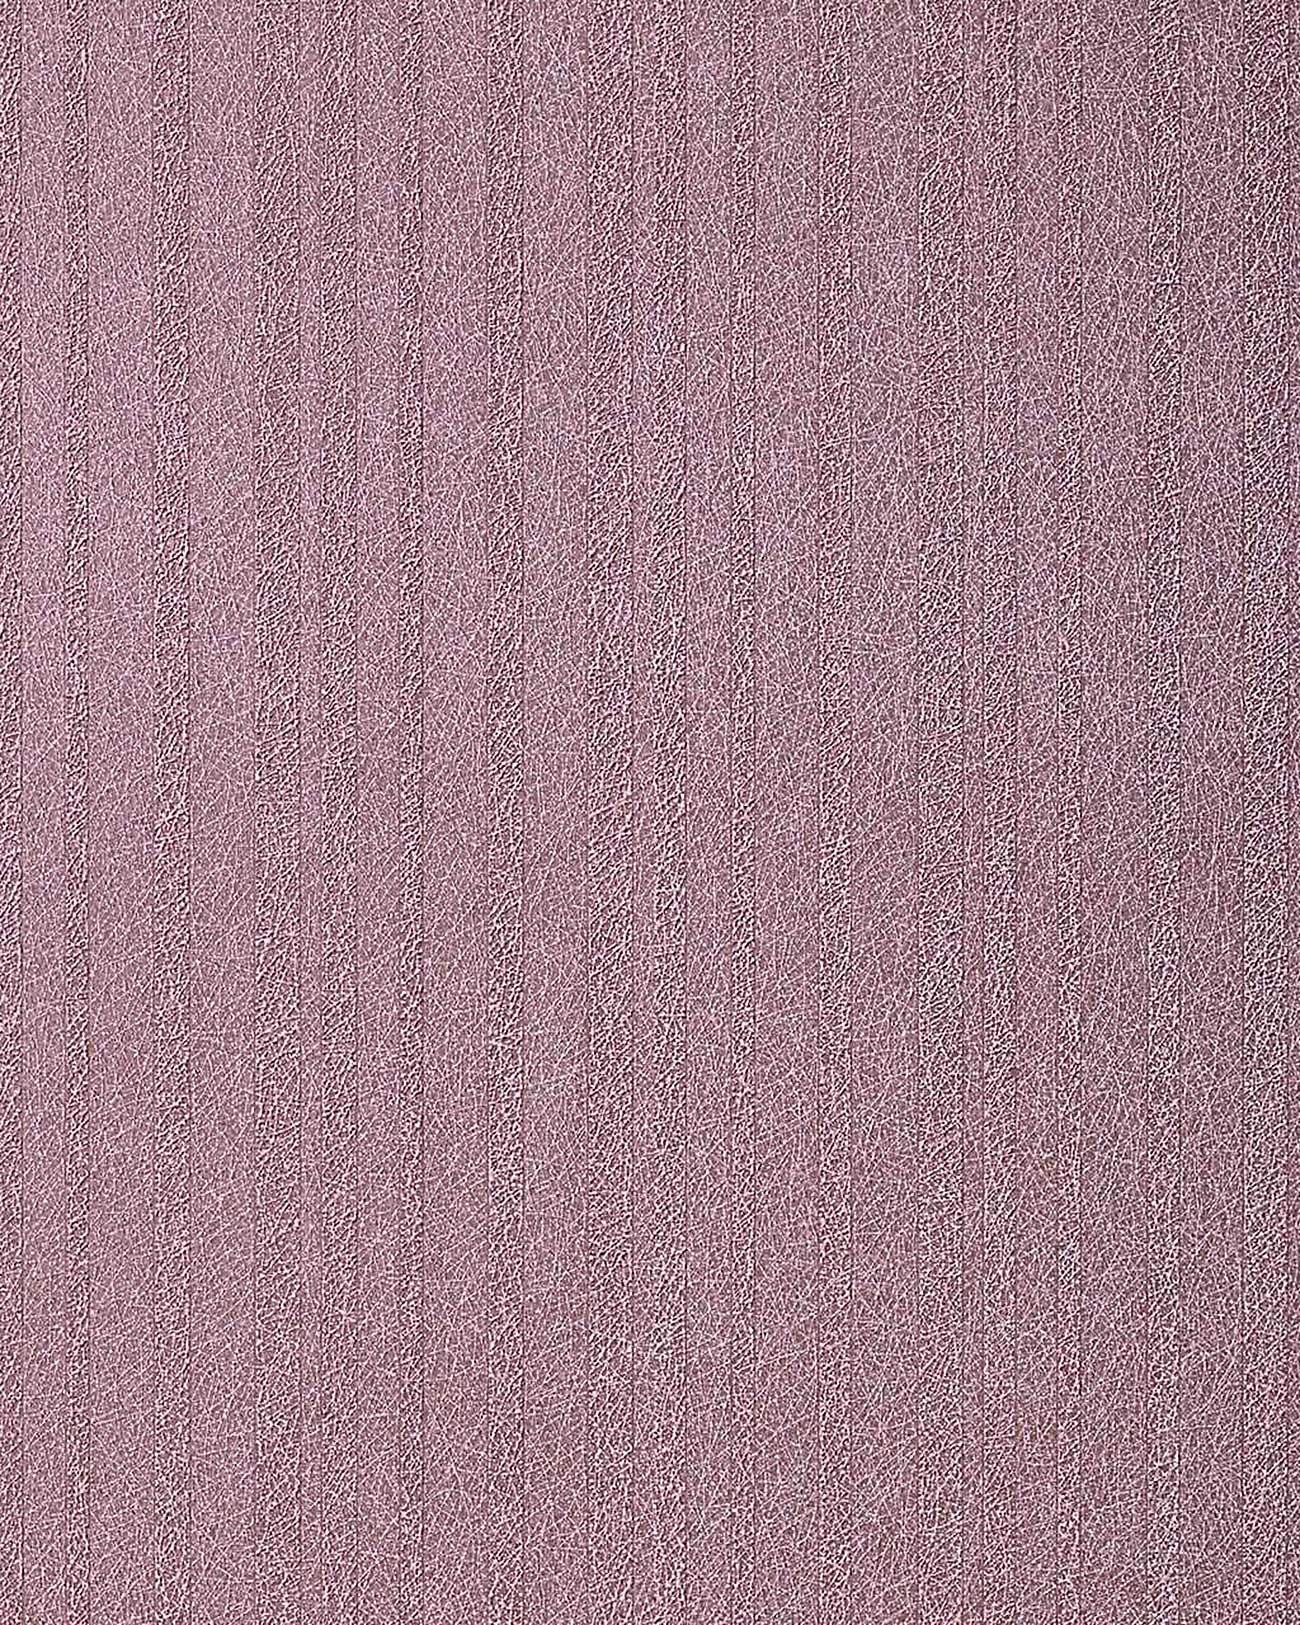 Papel pintado unicolor edem 1015 14 moderno con textura de - Papel de pared de rayas ...